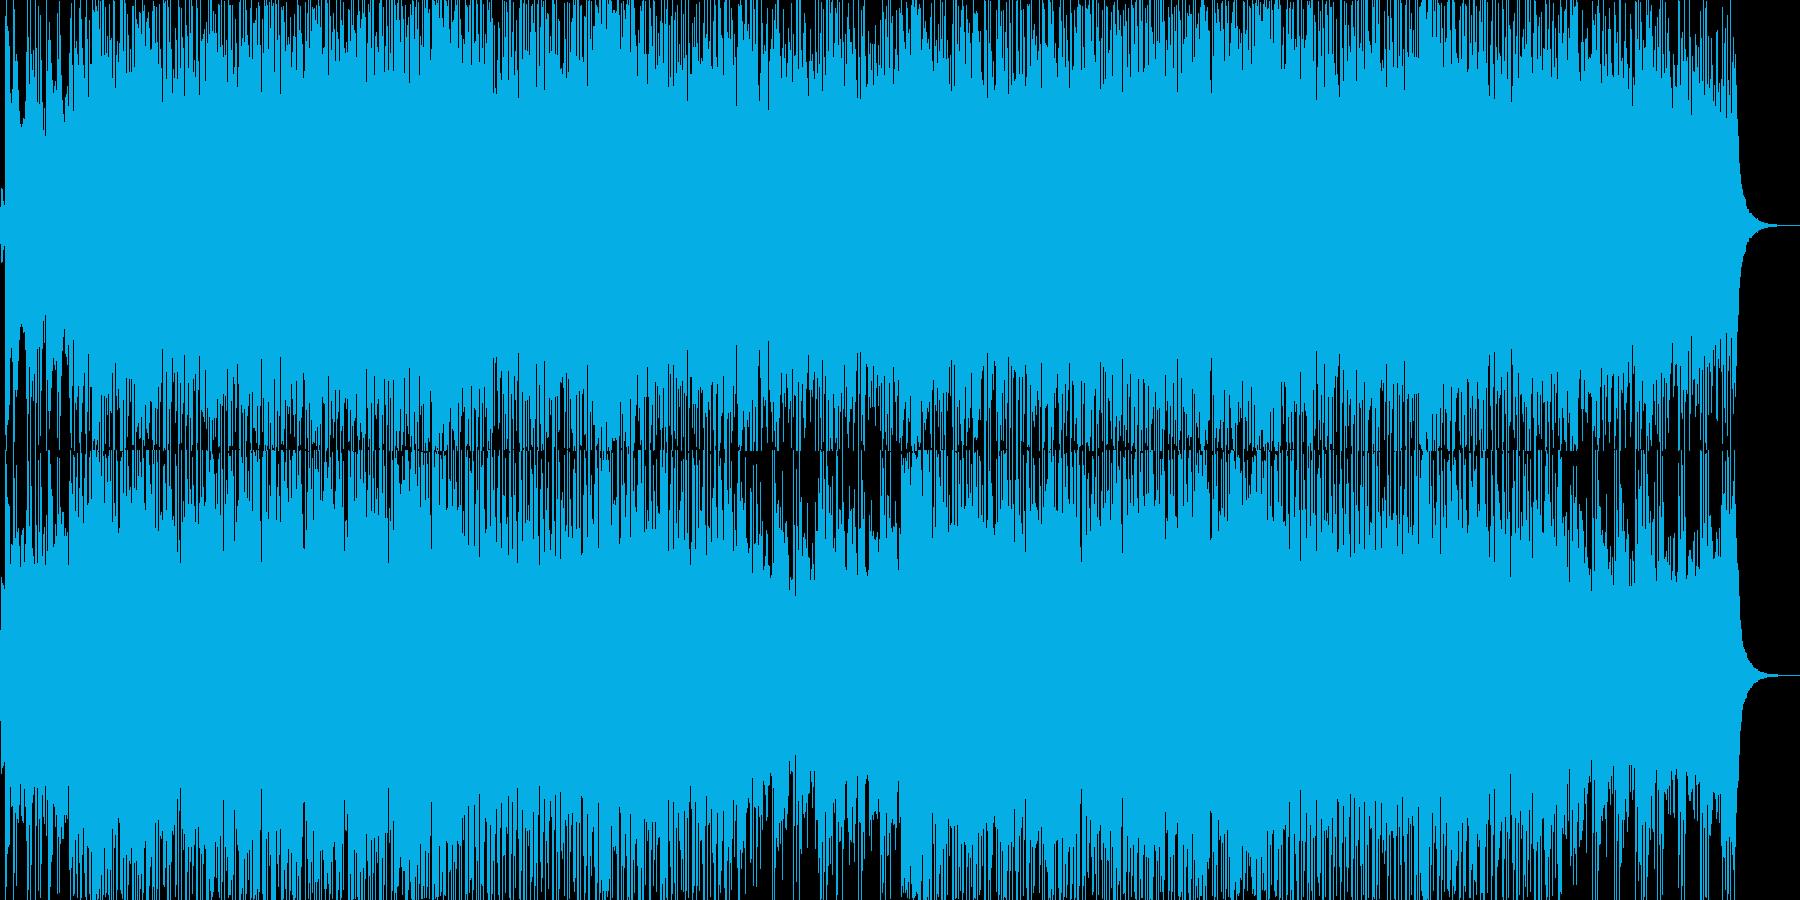 【バトルBGM】熱いロックオルガン曲の再生済みの波形